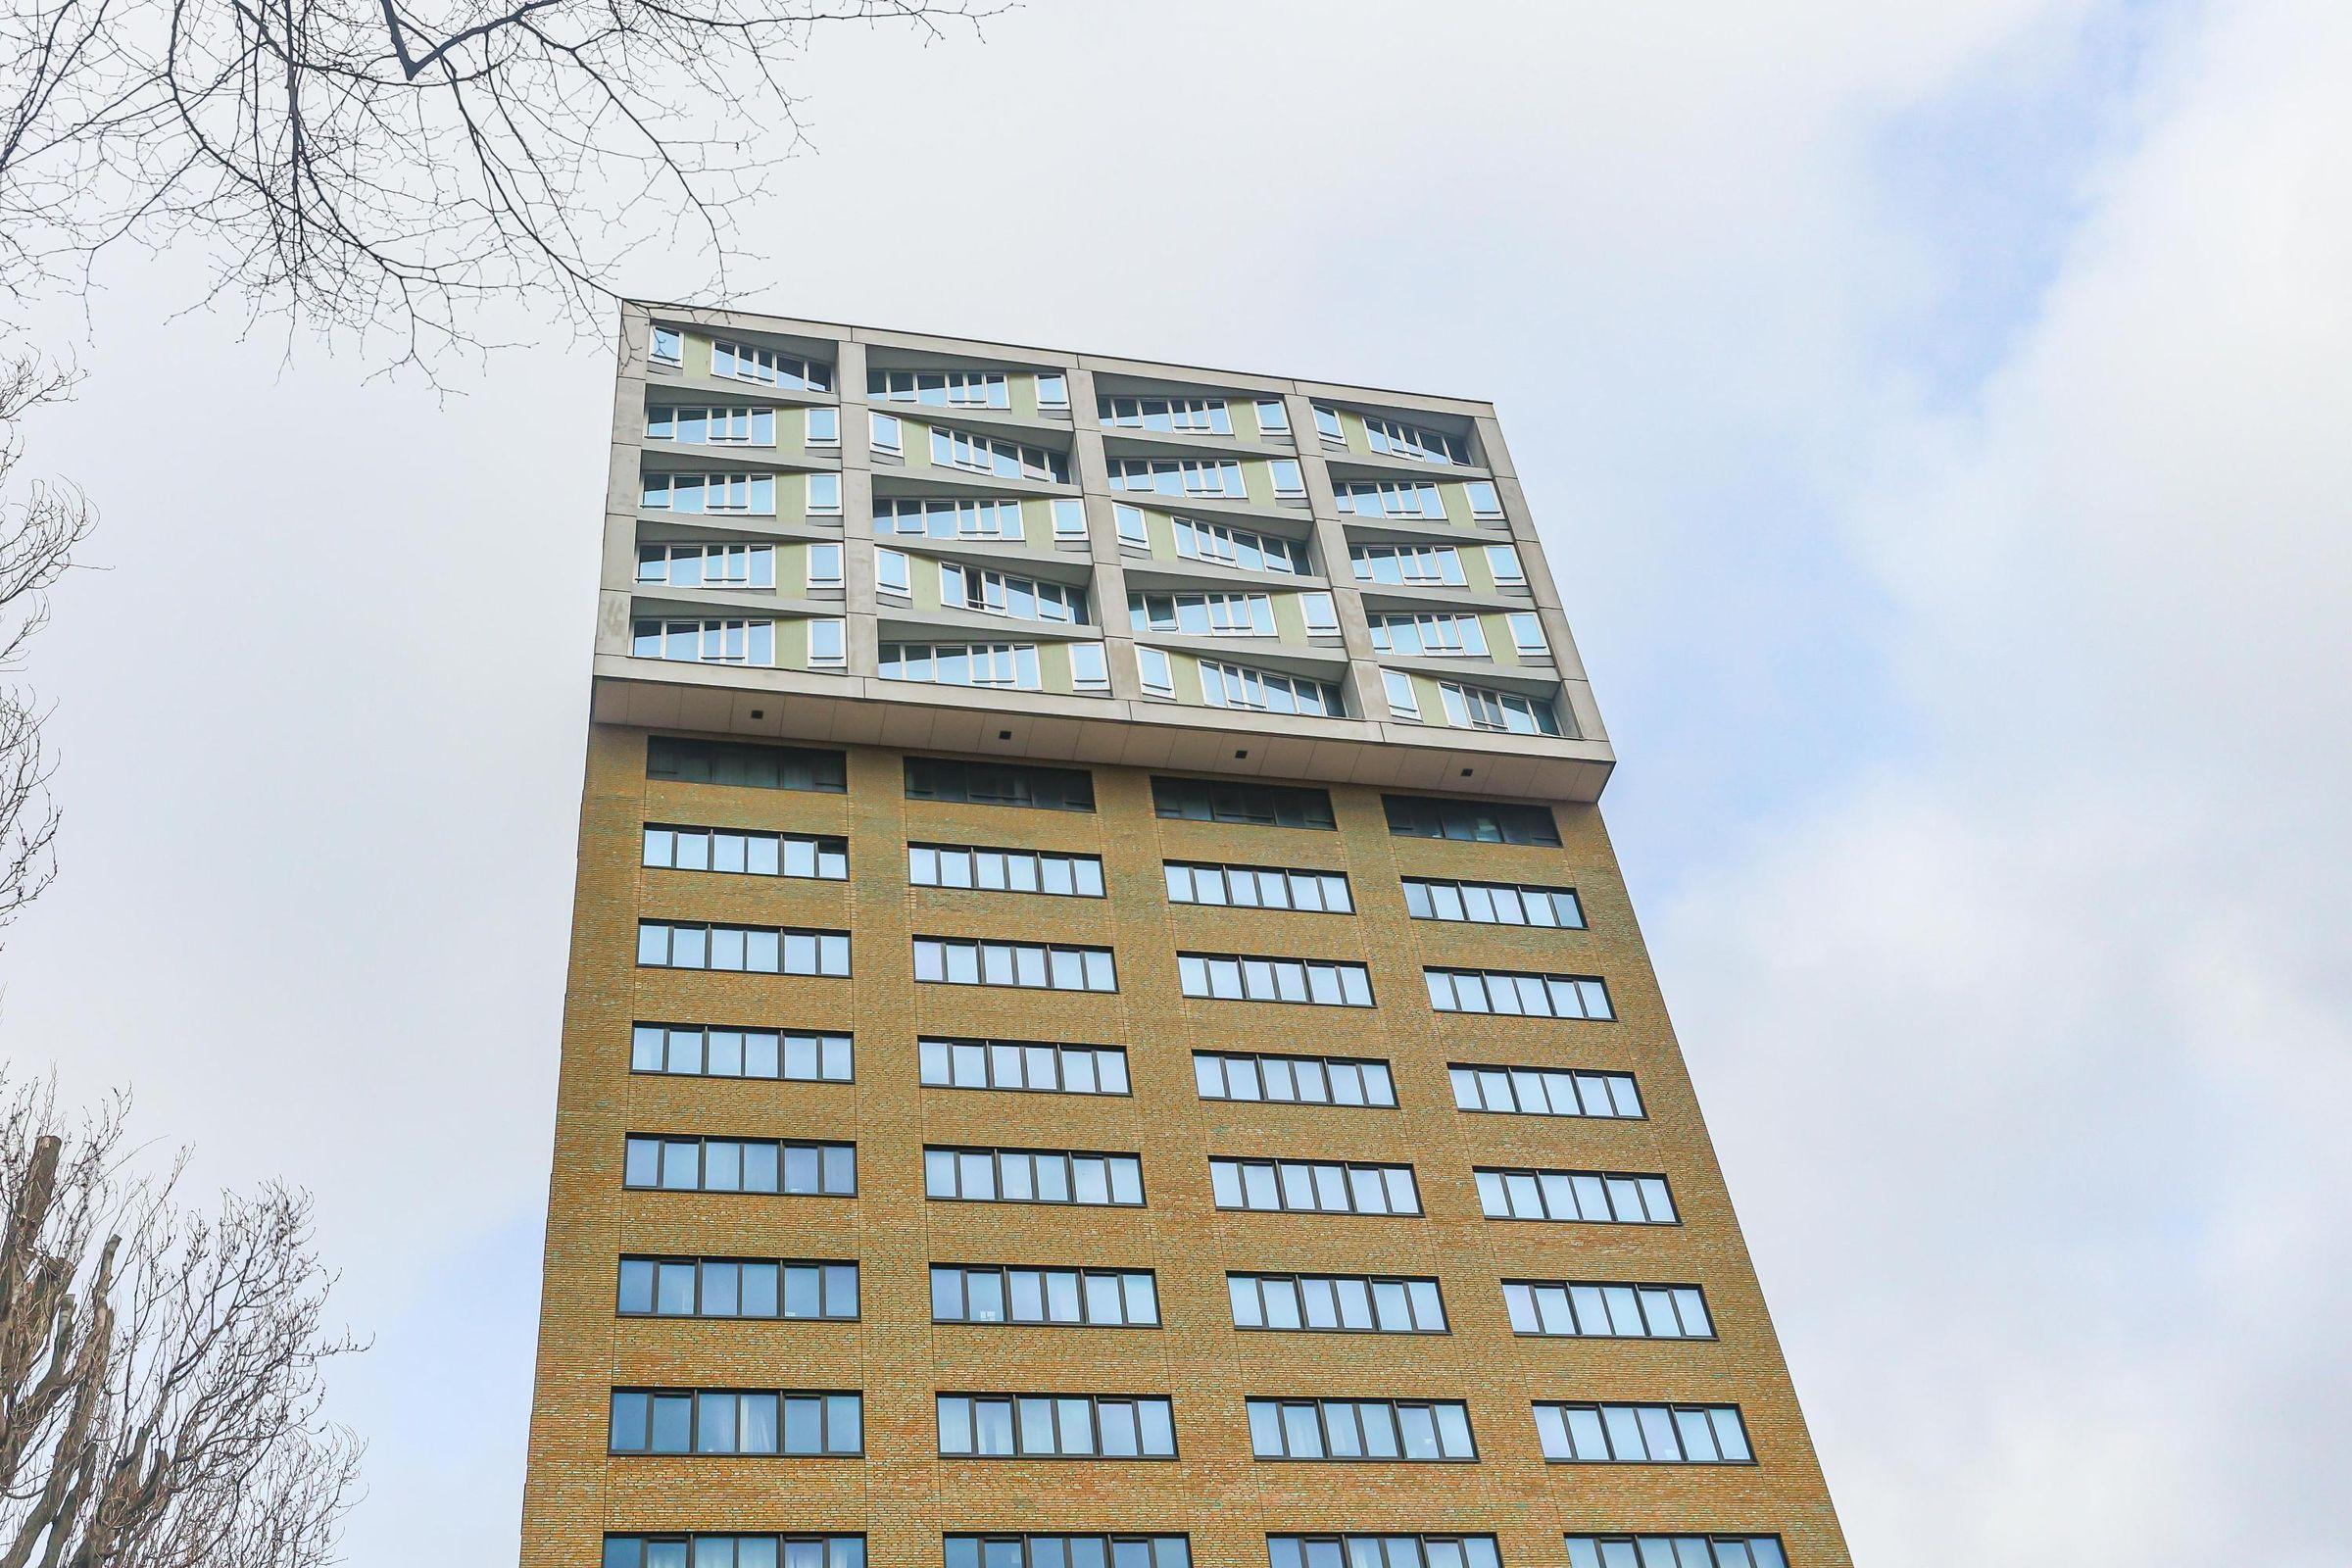 Wielewaalplein 296, Groningen